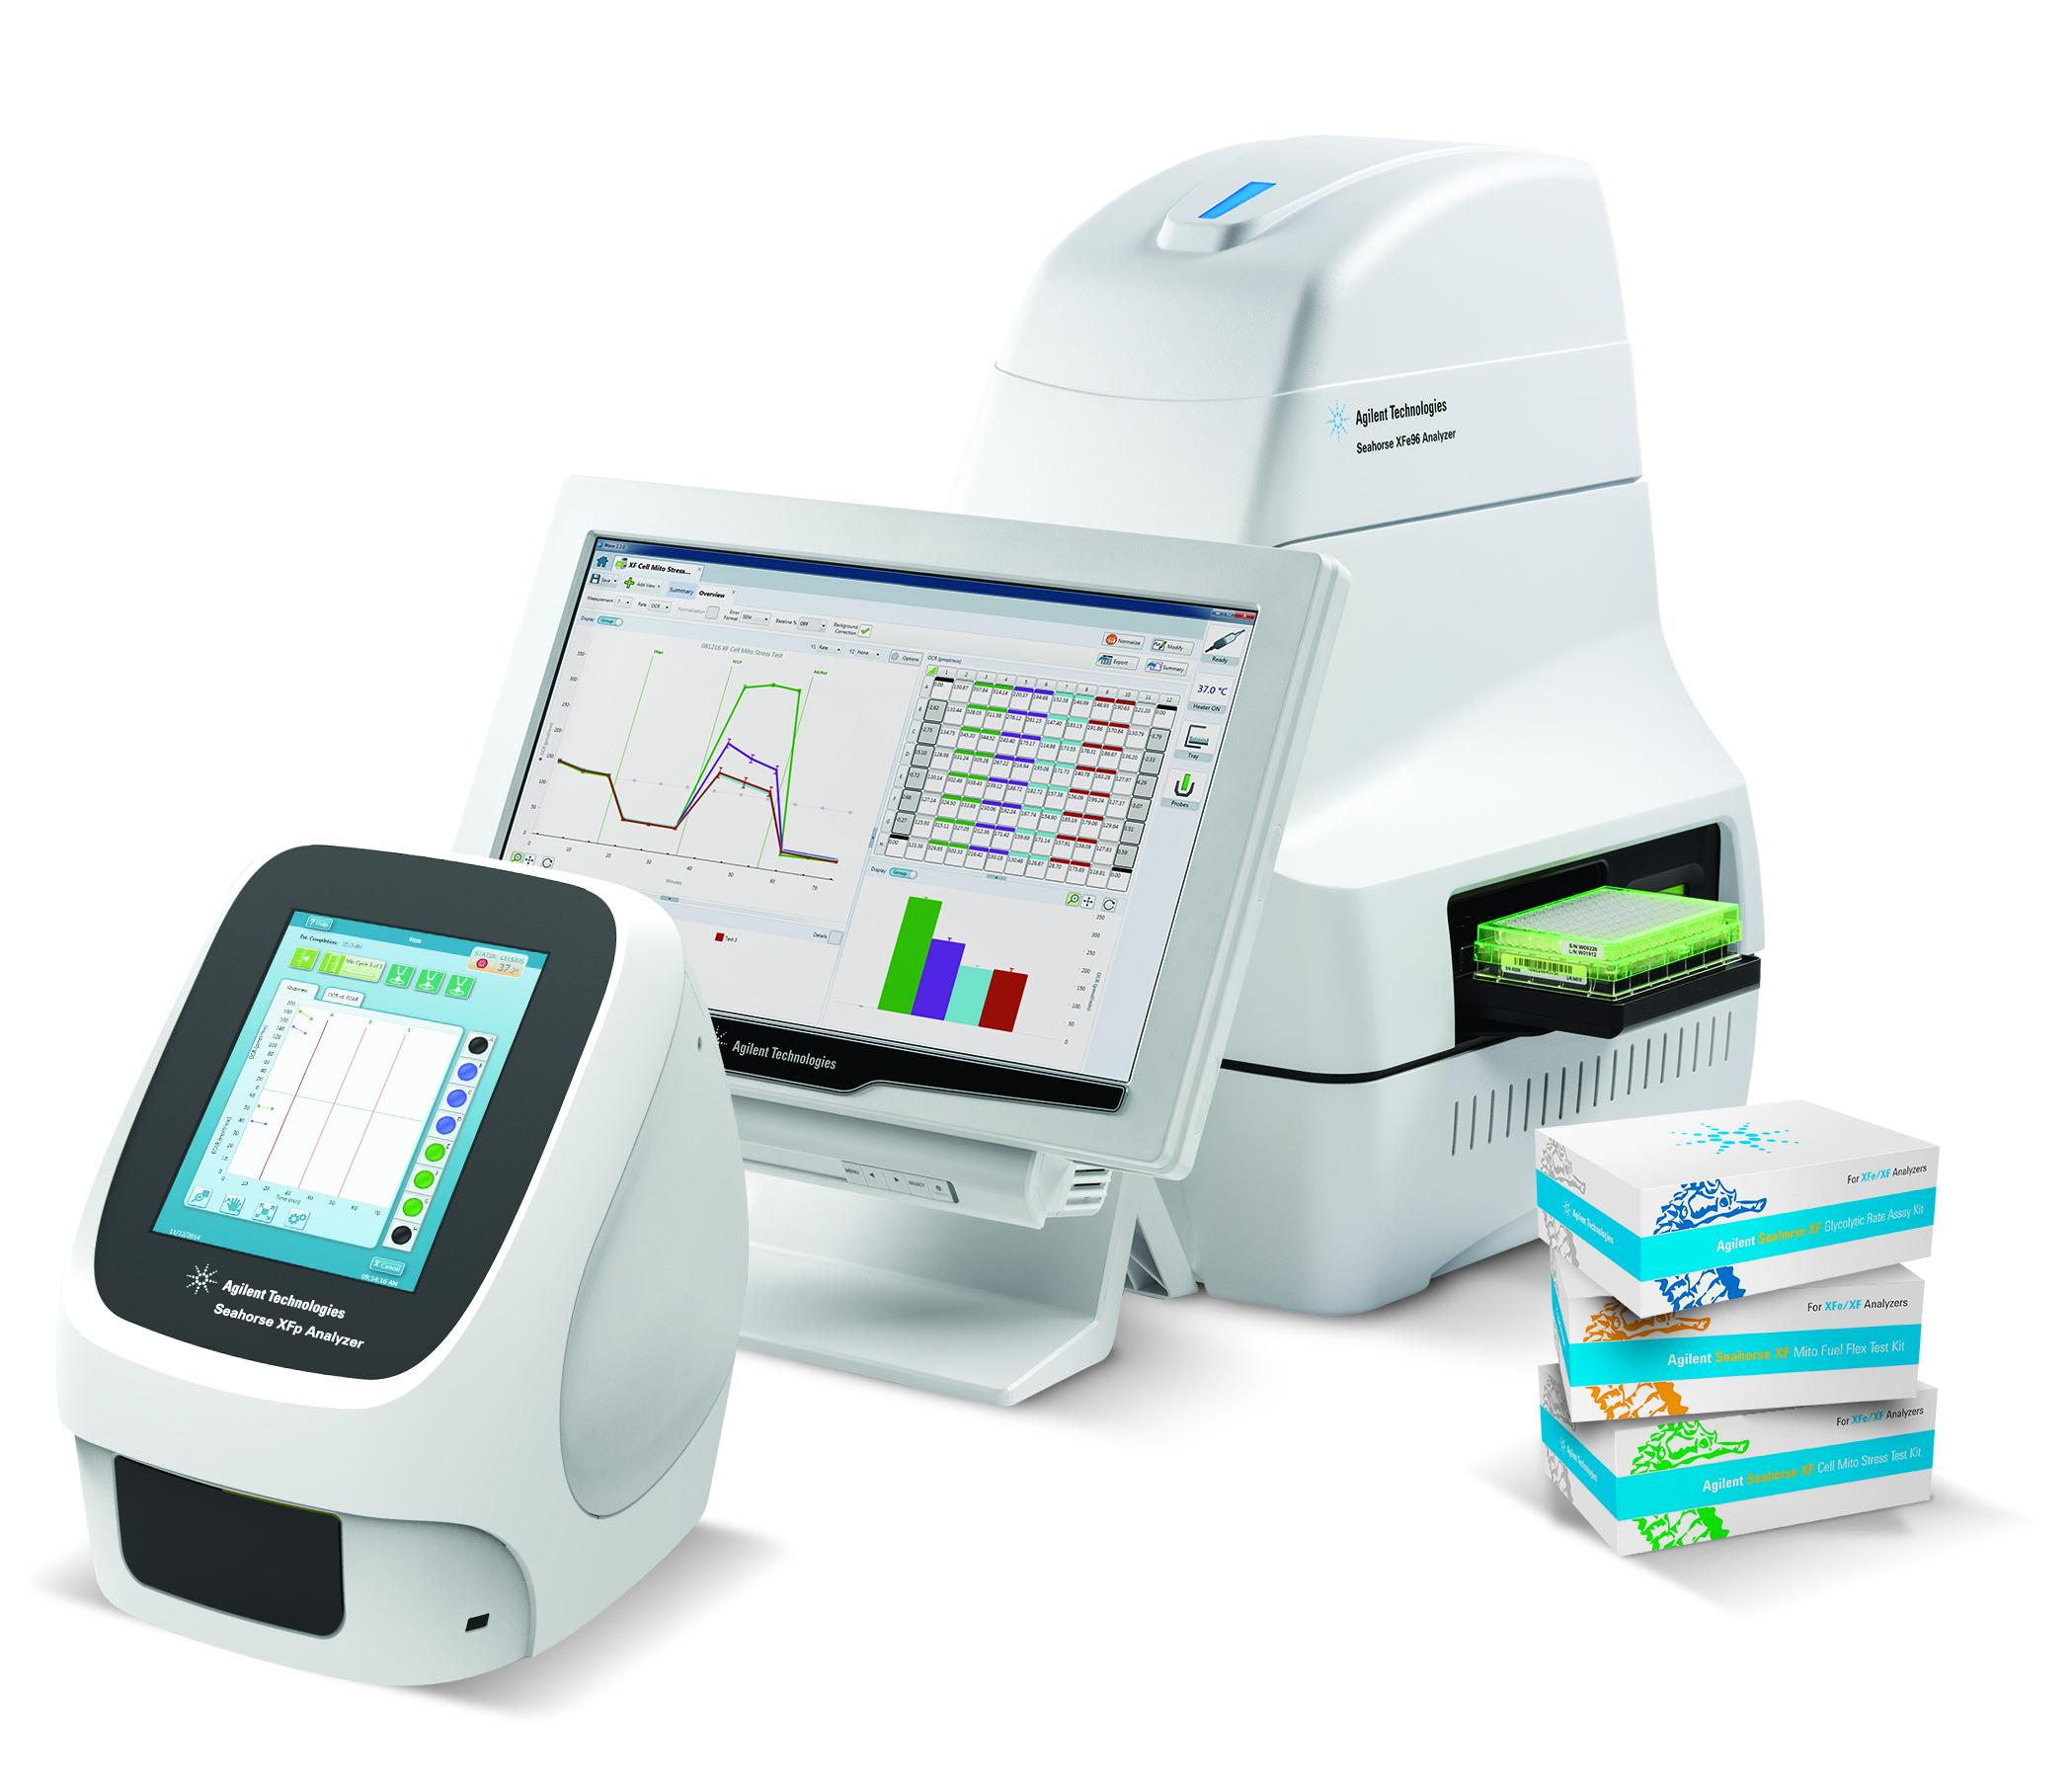 安捷伦Seahorse细胞分析仪